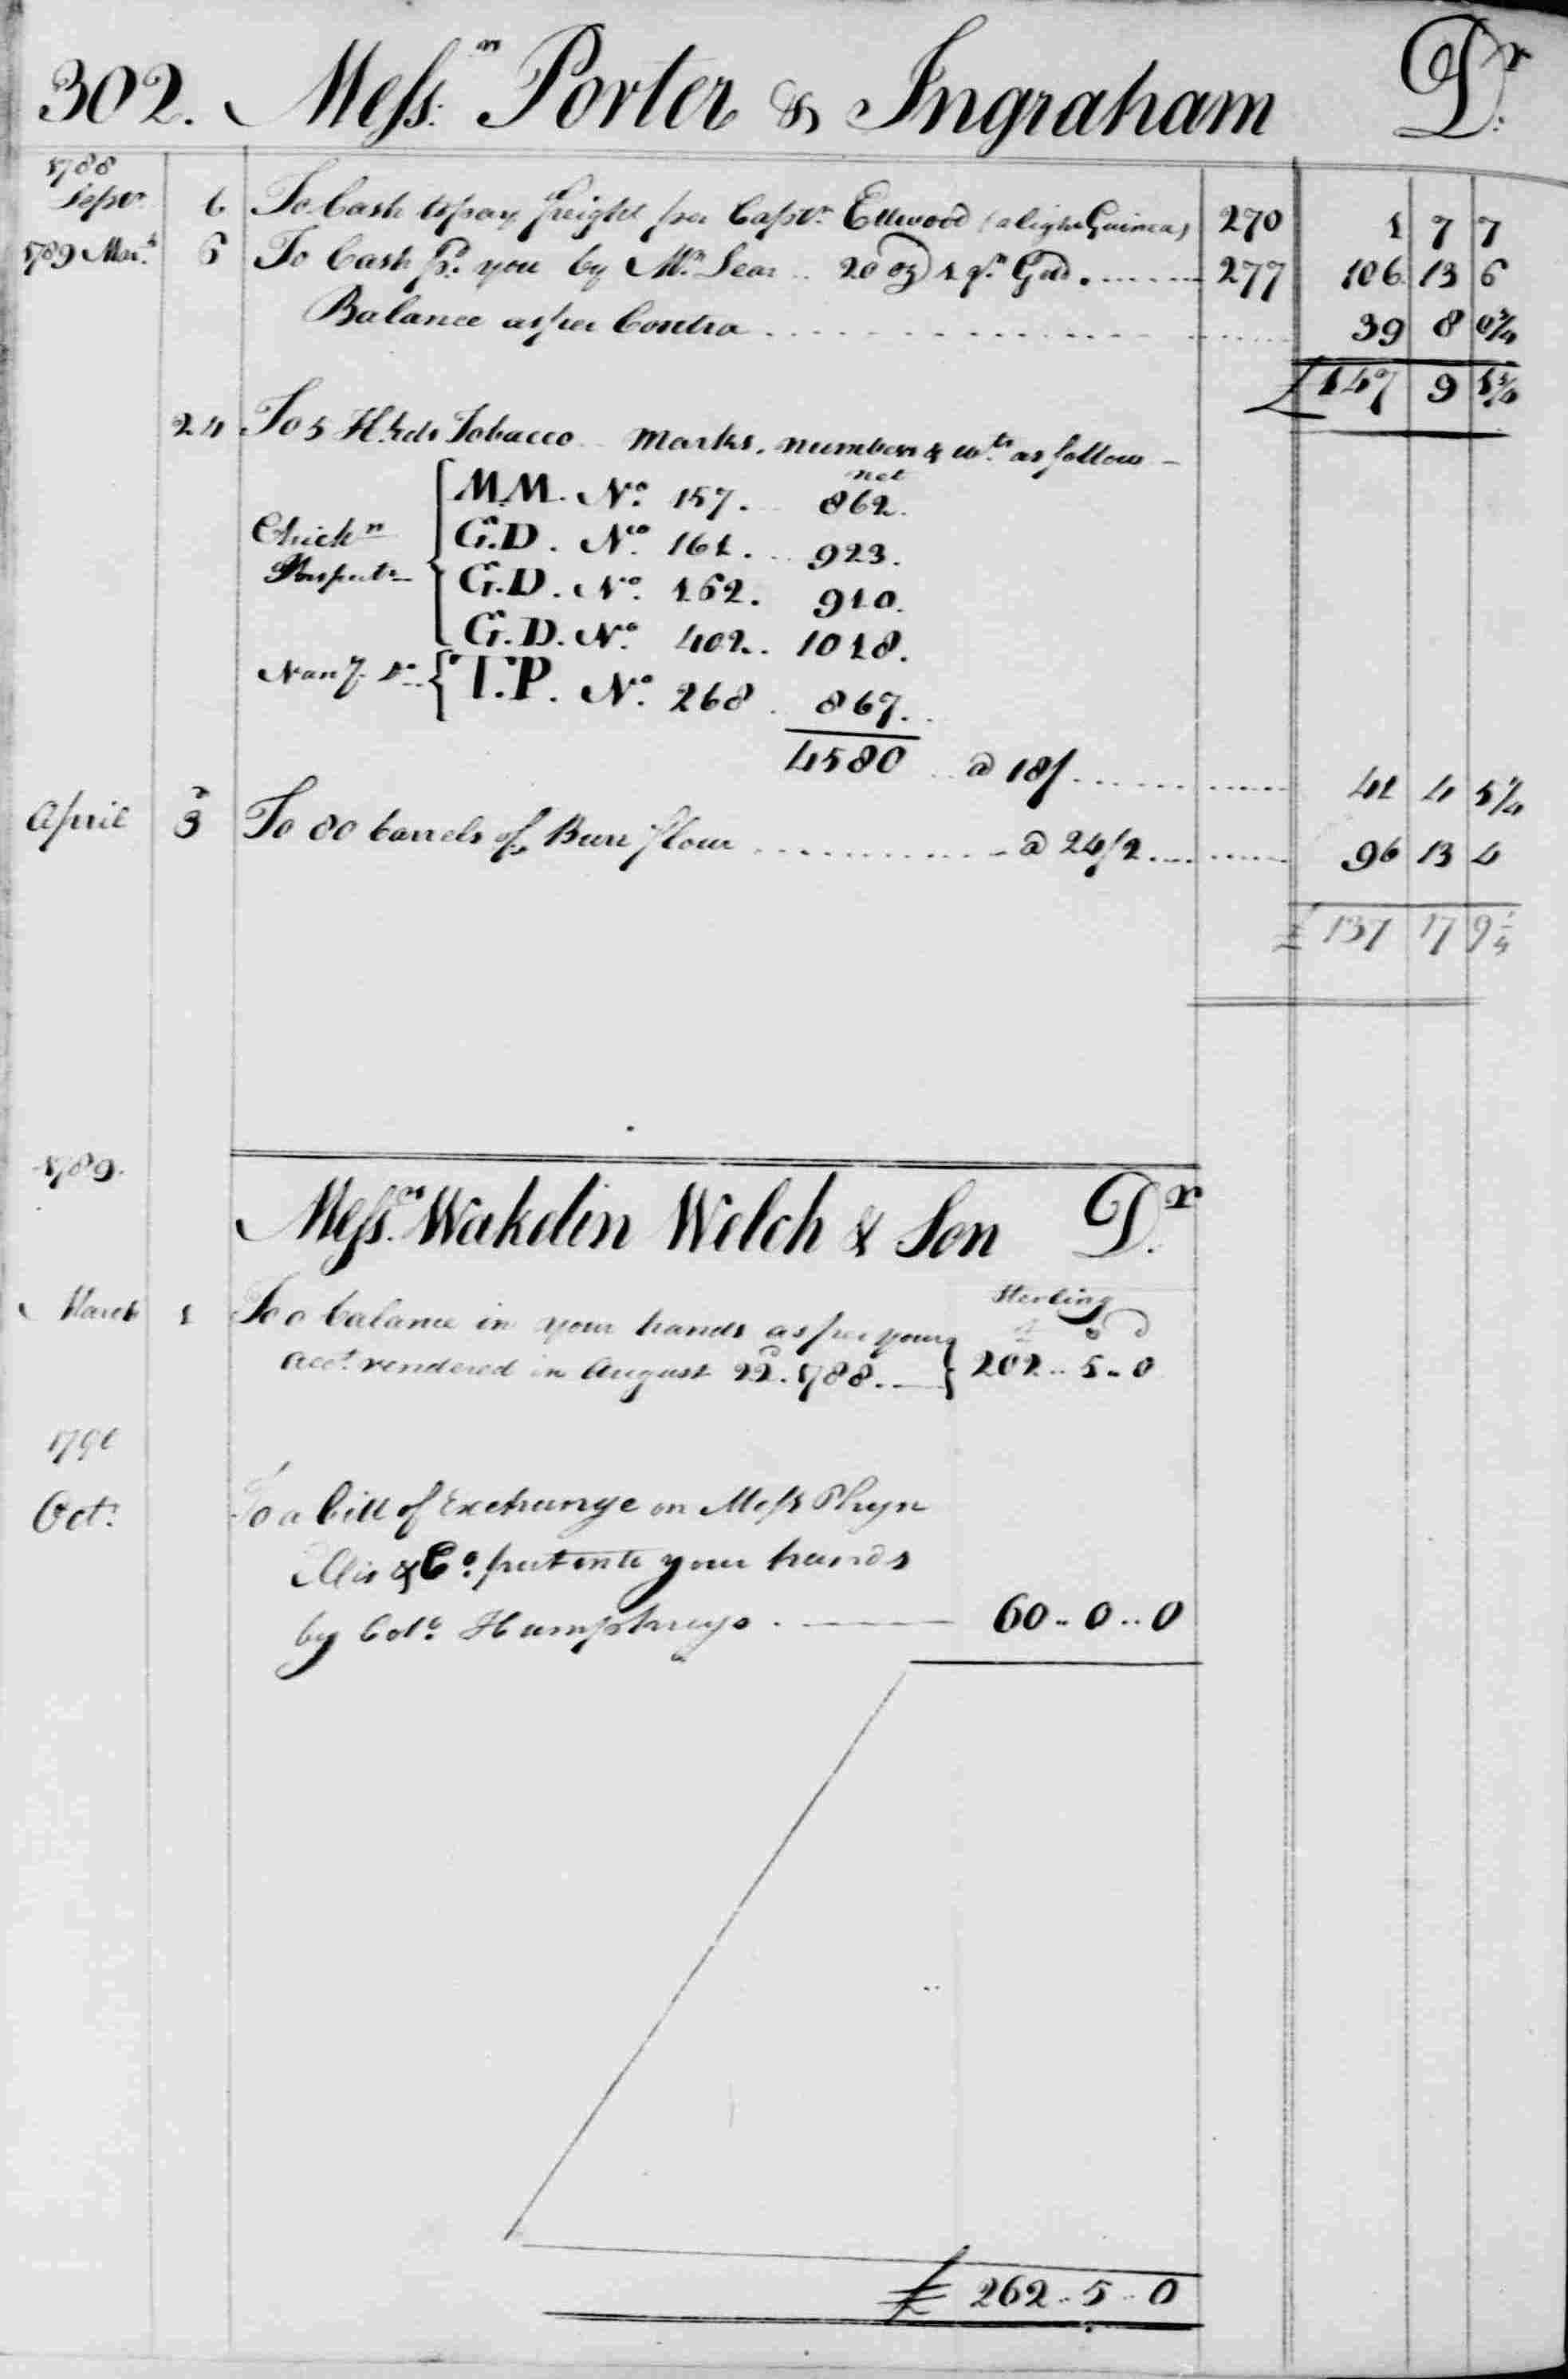 Ledger B, folio 302, left side